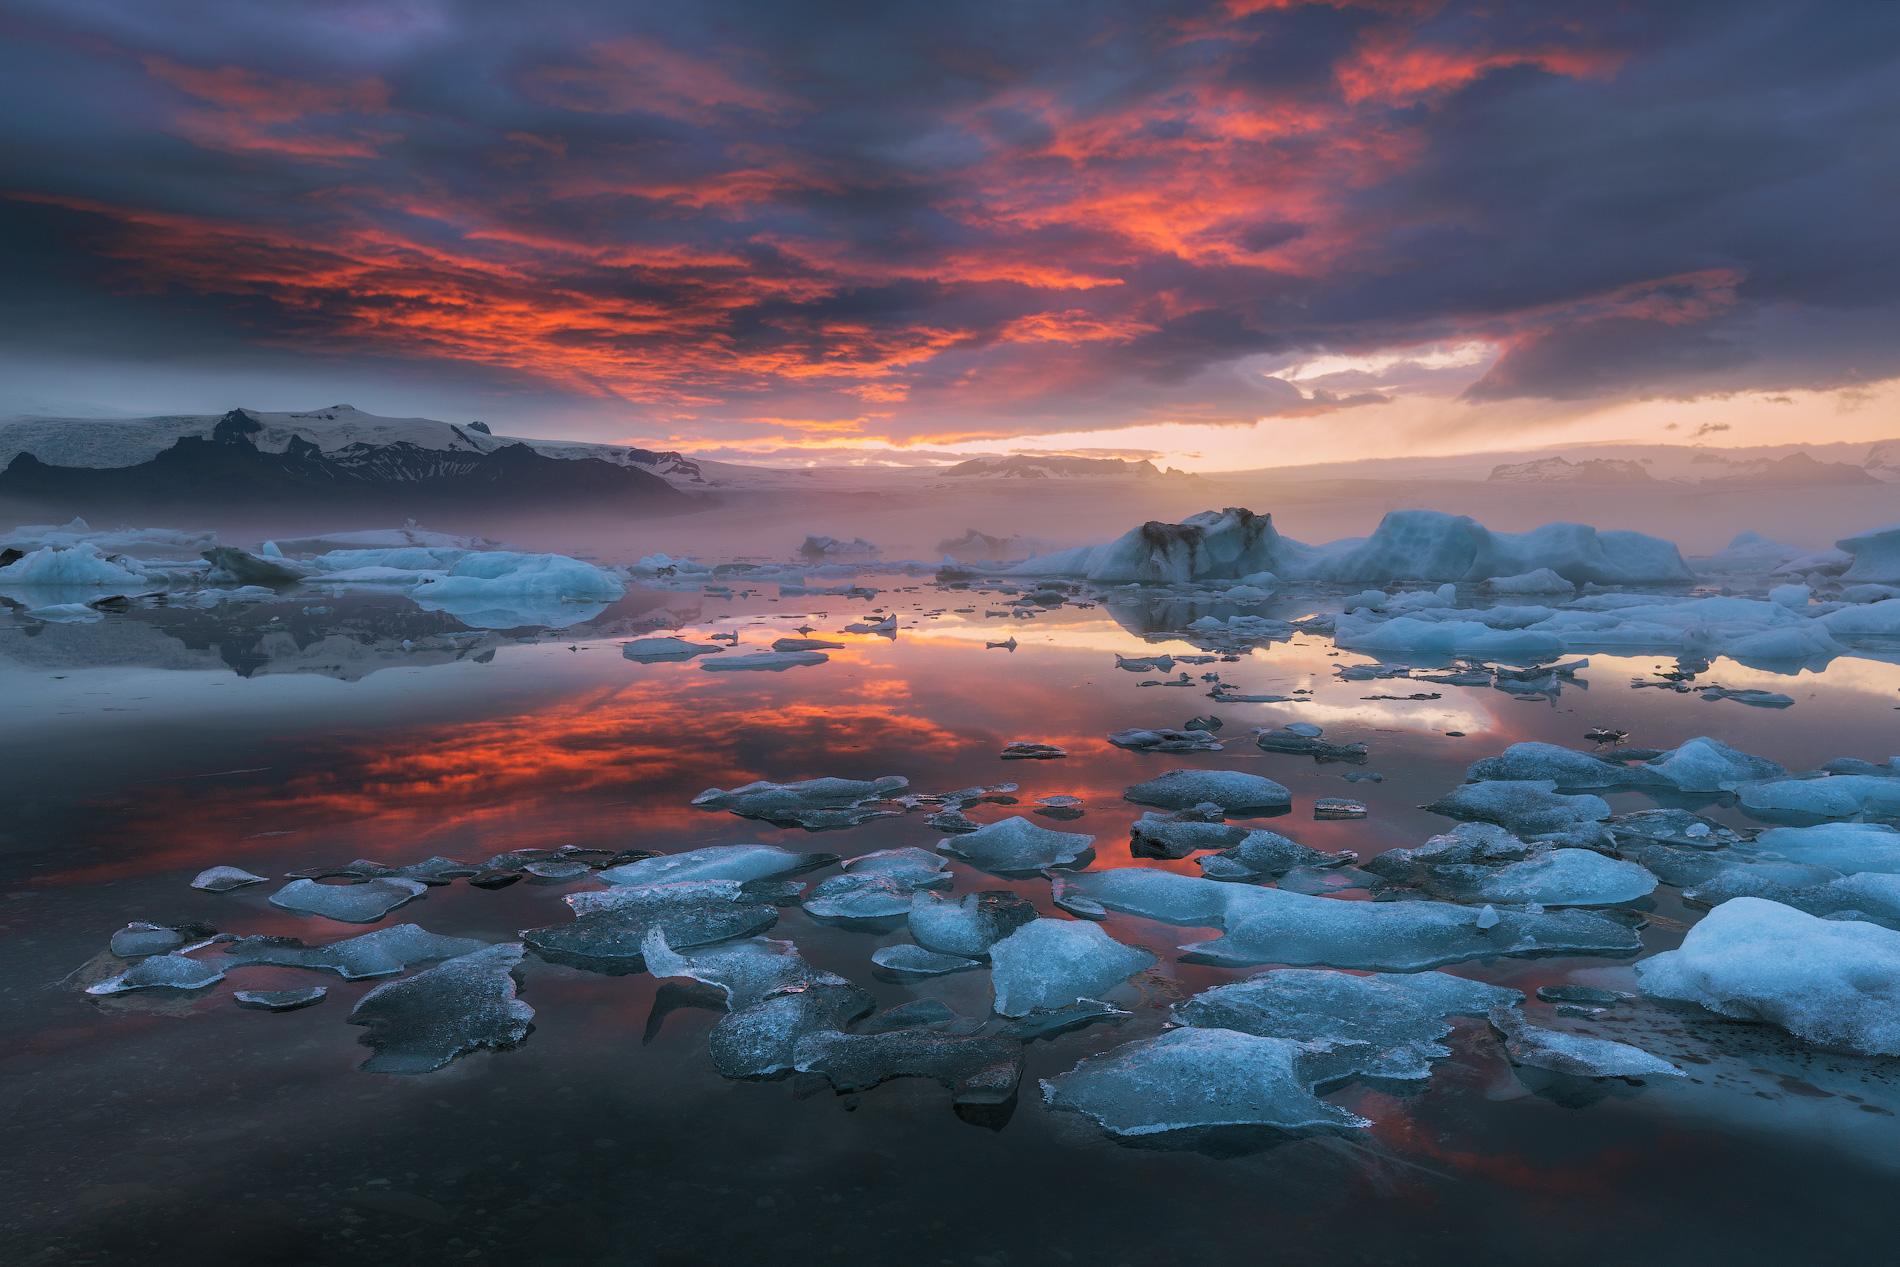 Bajo el glaciar Vatnajökull, hay una red de cuevas de hielo que aquellos que visiten Islandia en invierno tendrán la oportunidad de explorar.